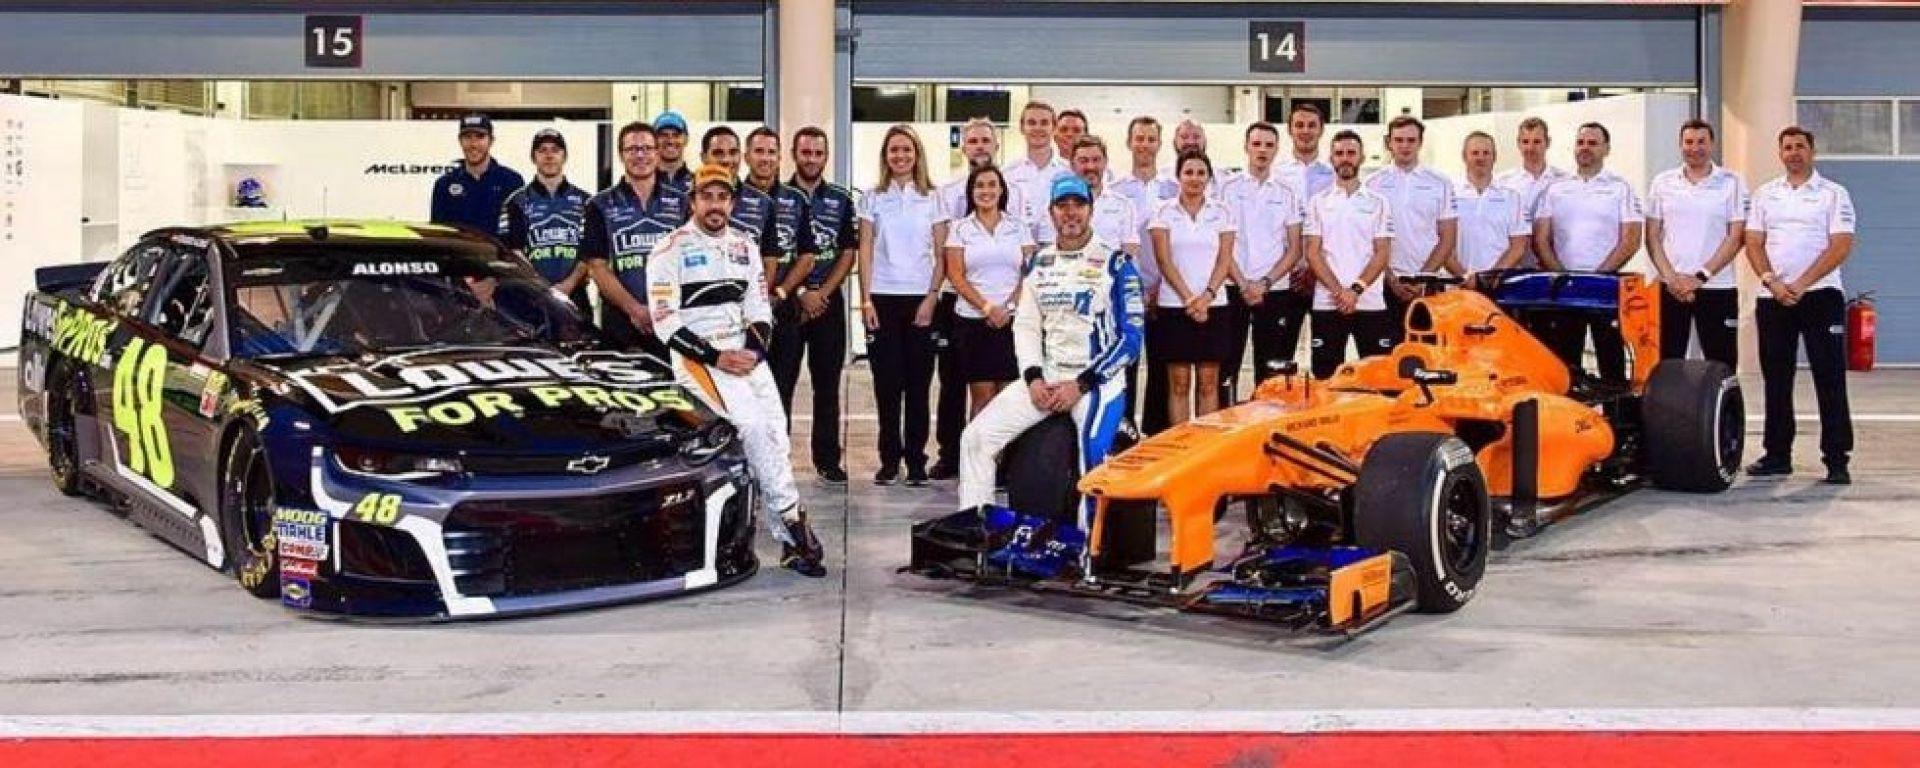 Fernando Alonso e Jimmie Johnson si sono scambiati l'auto per un giorno